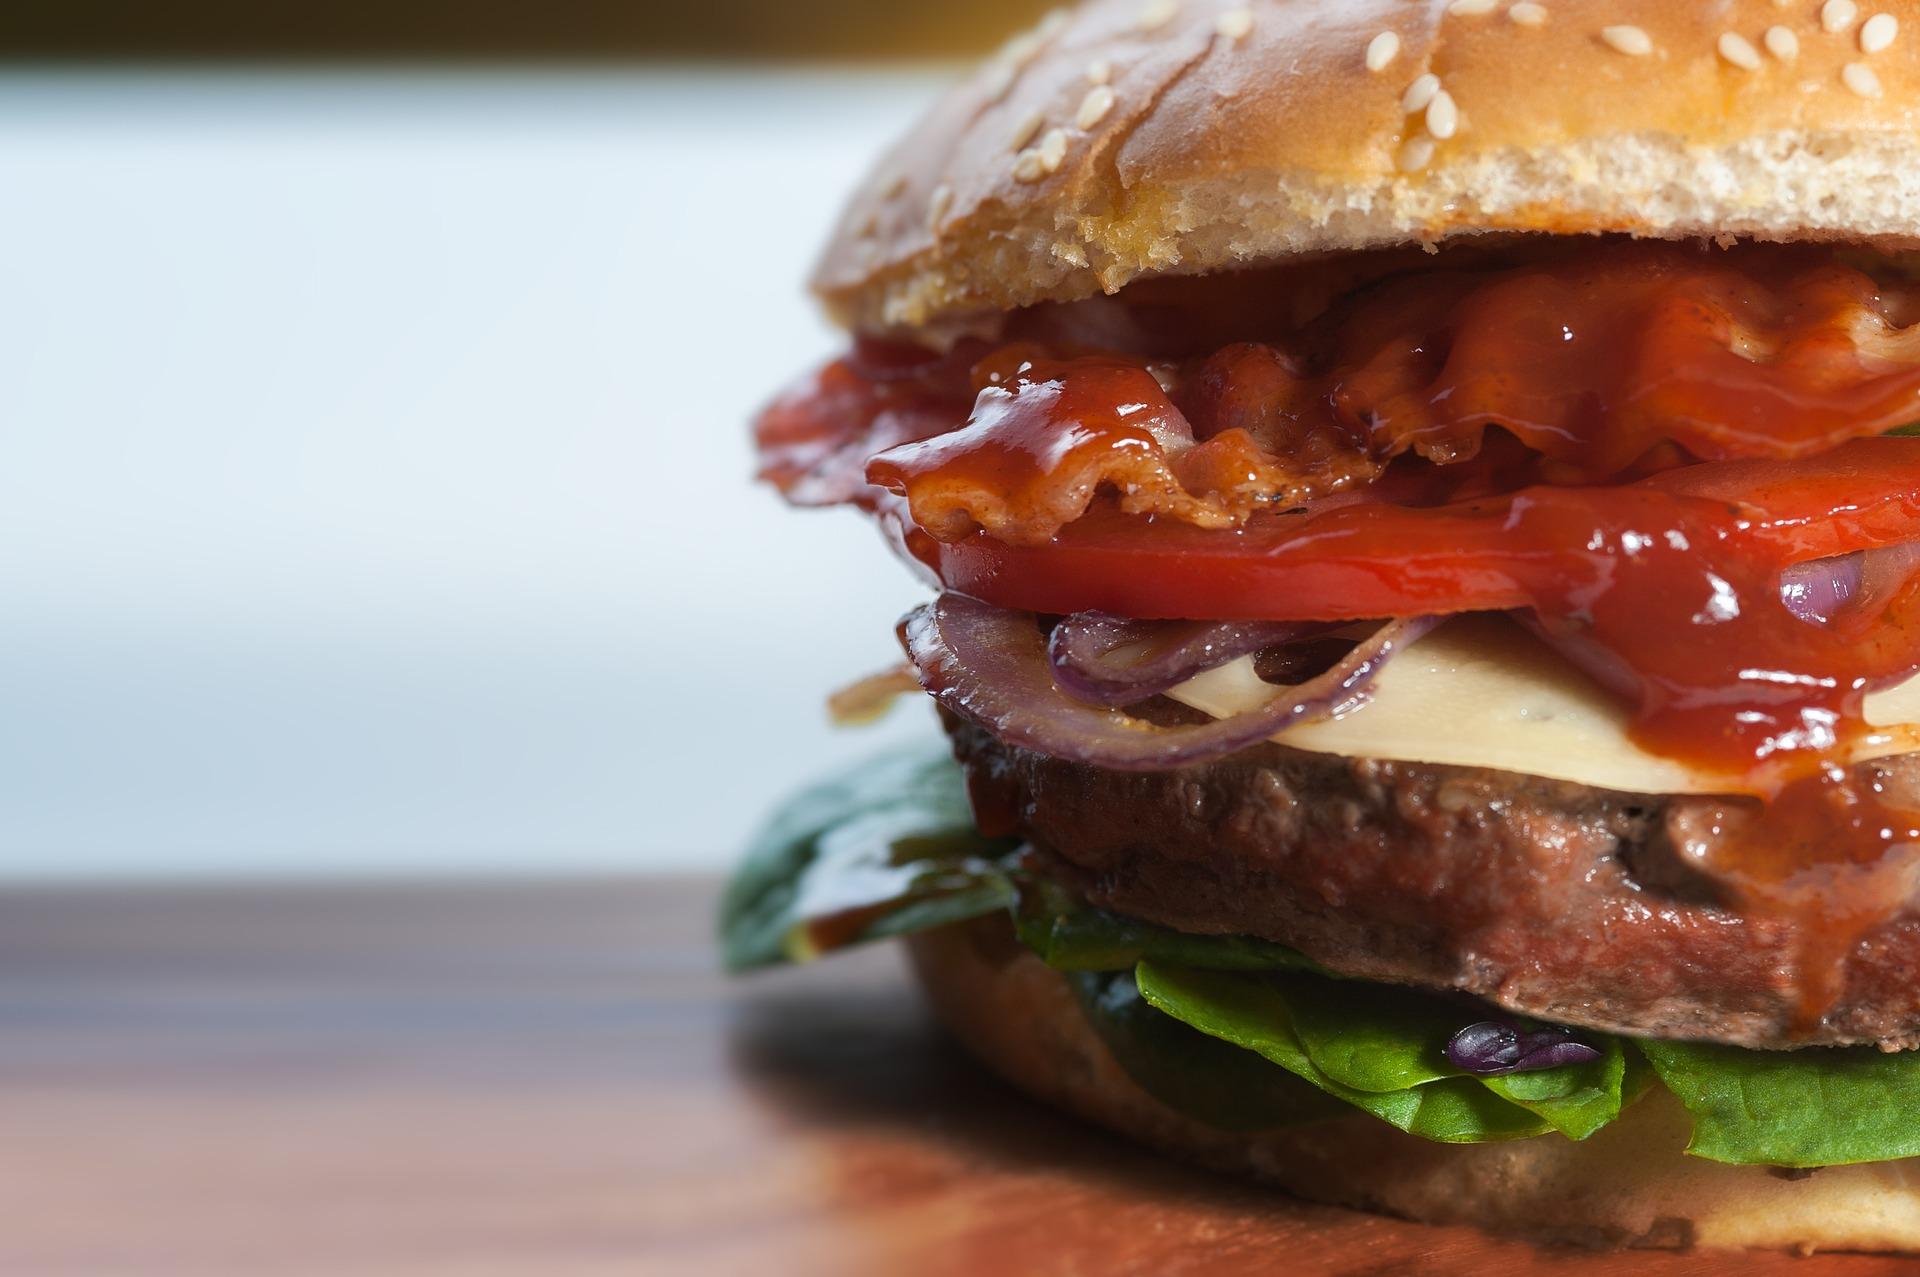 kohlenhydrate-fette-protein-brennwert-hamburger